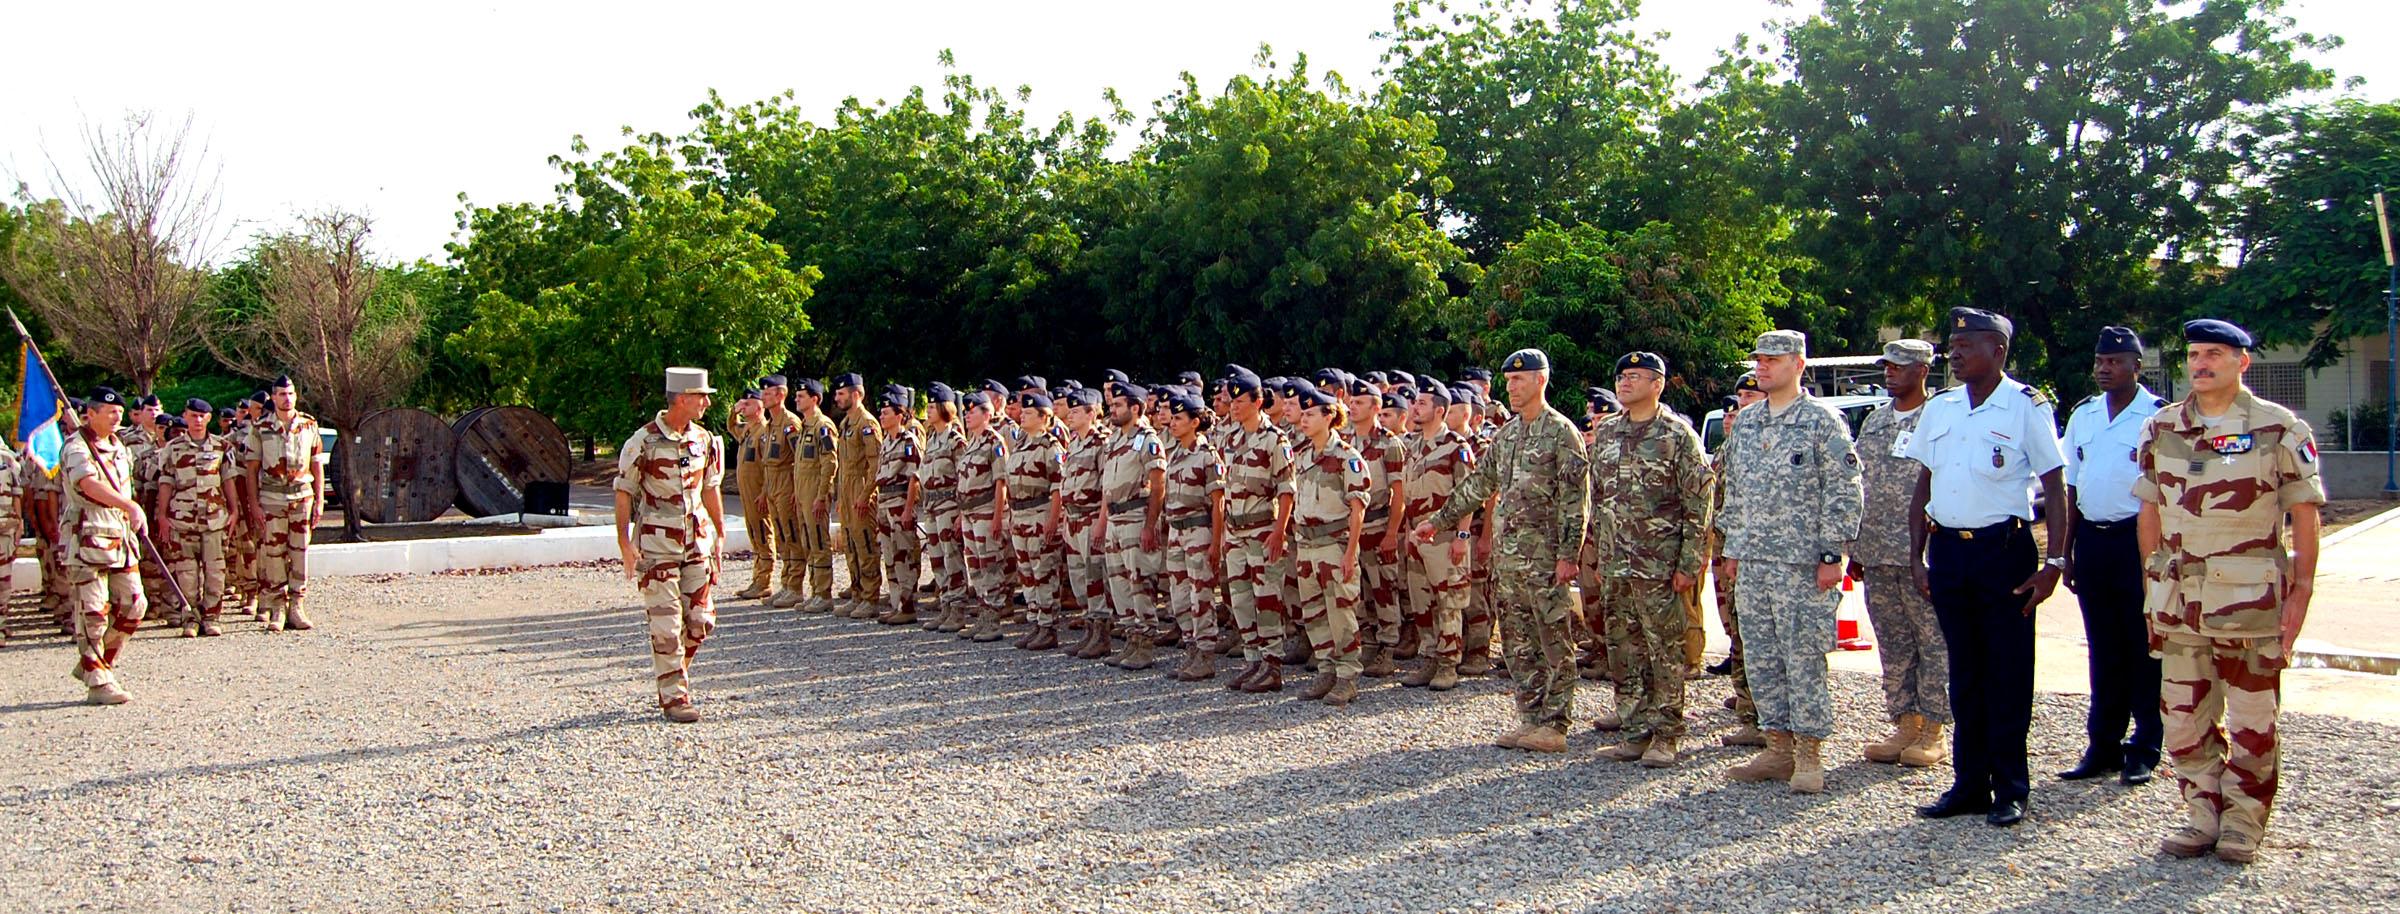 """La """"mission impossible"""" des soldats français au Sahel"""